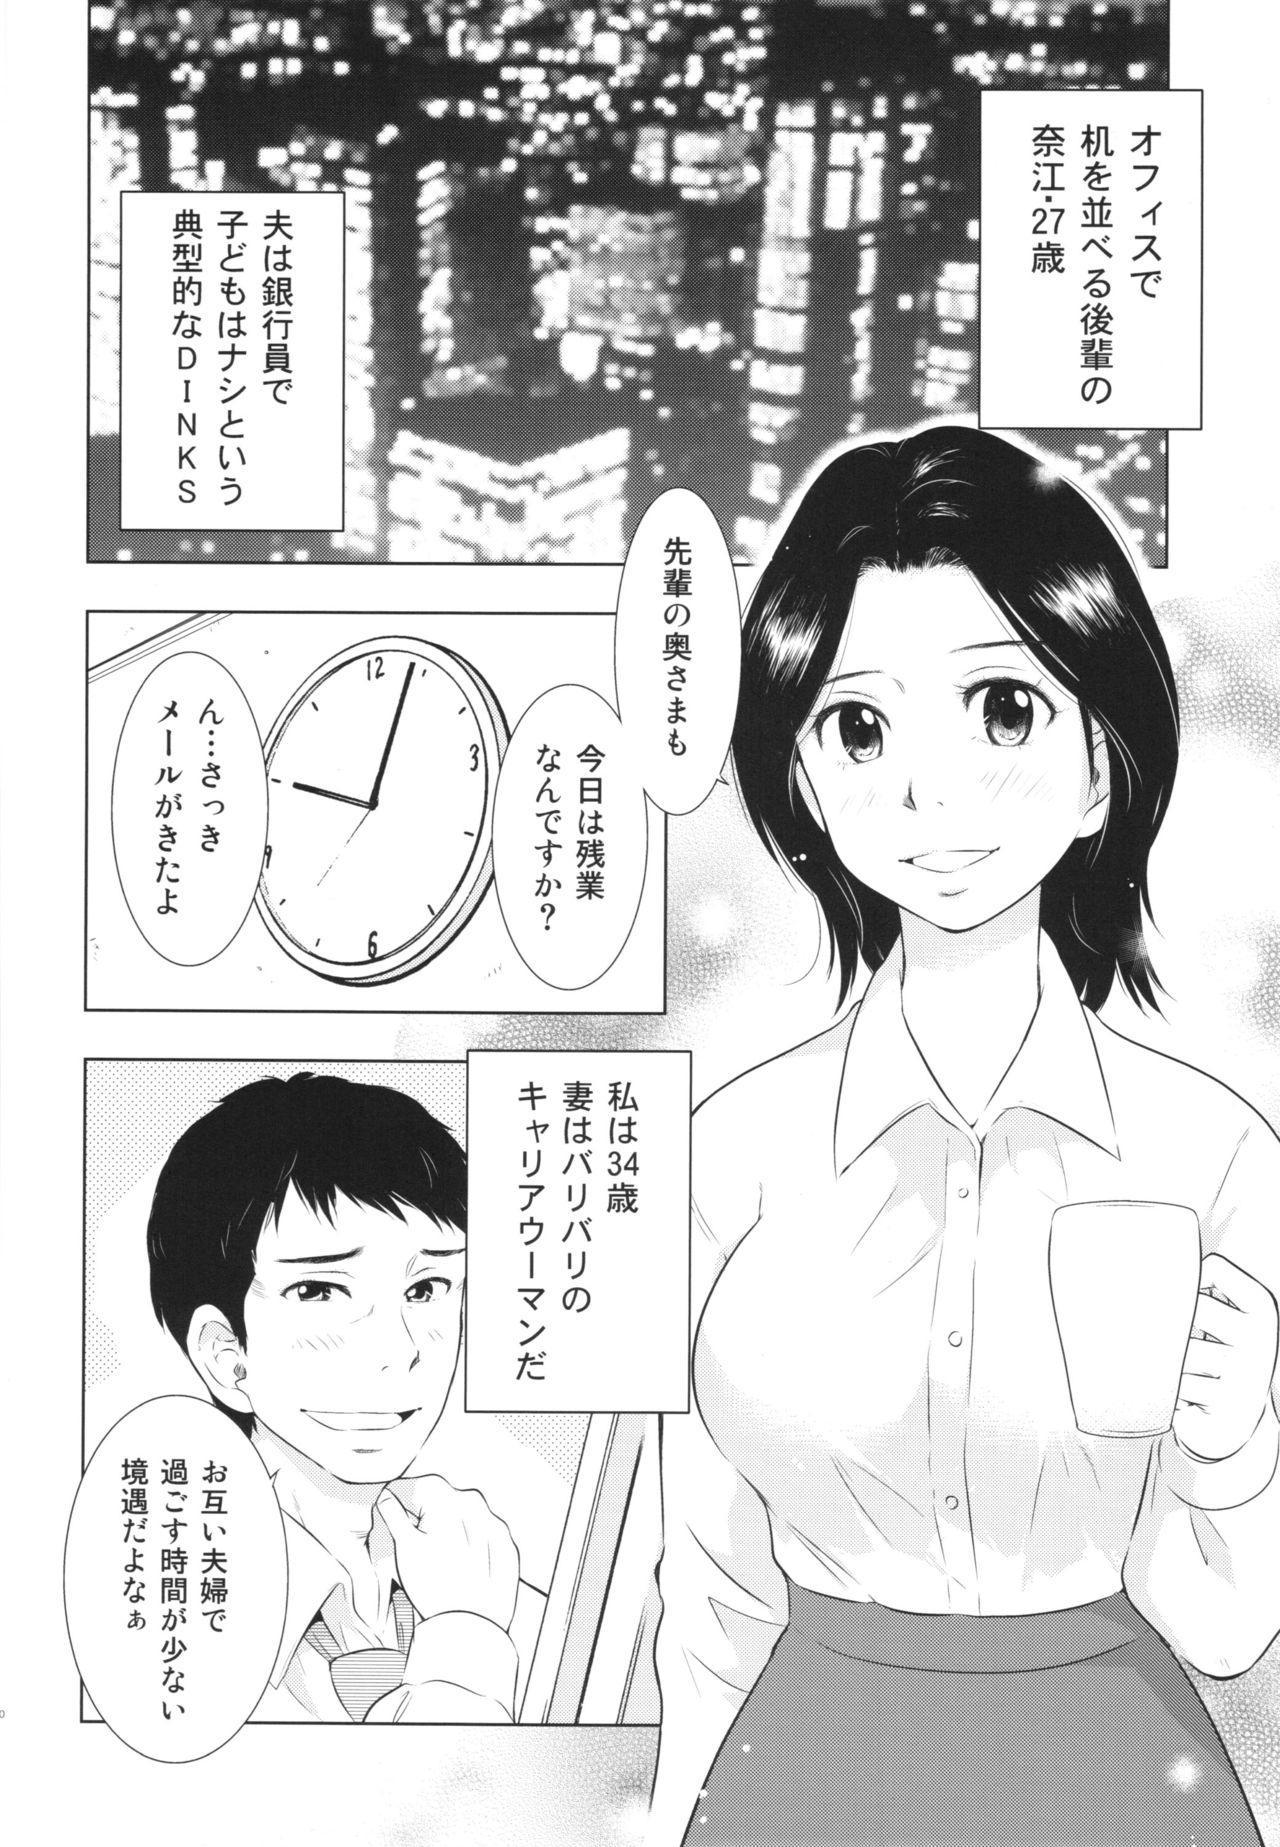 Hitozuma Zukan 2 59